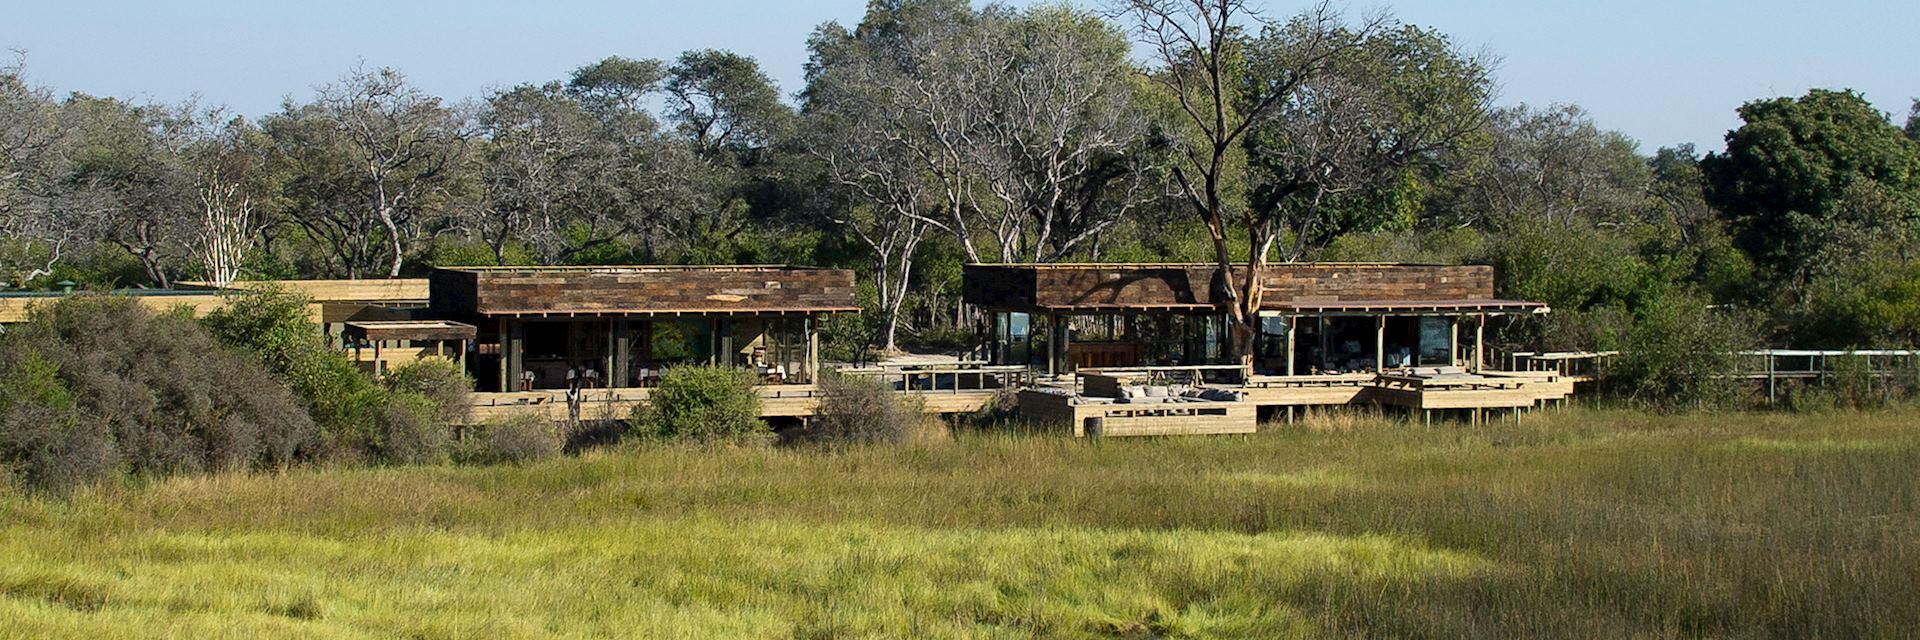 Vumbura Camp, Botswana